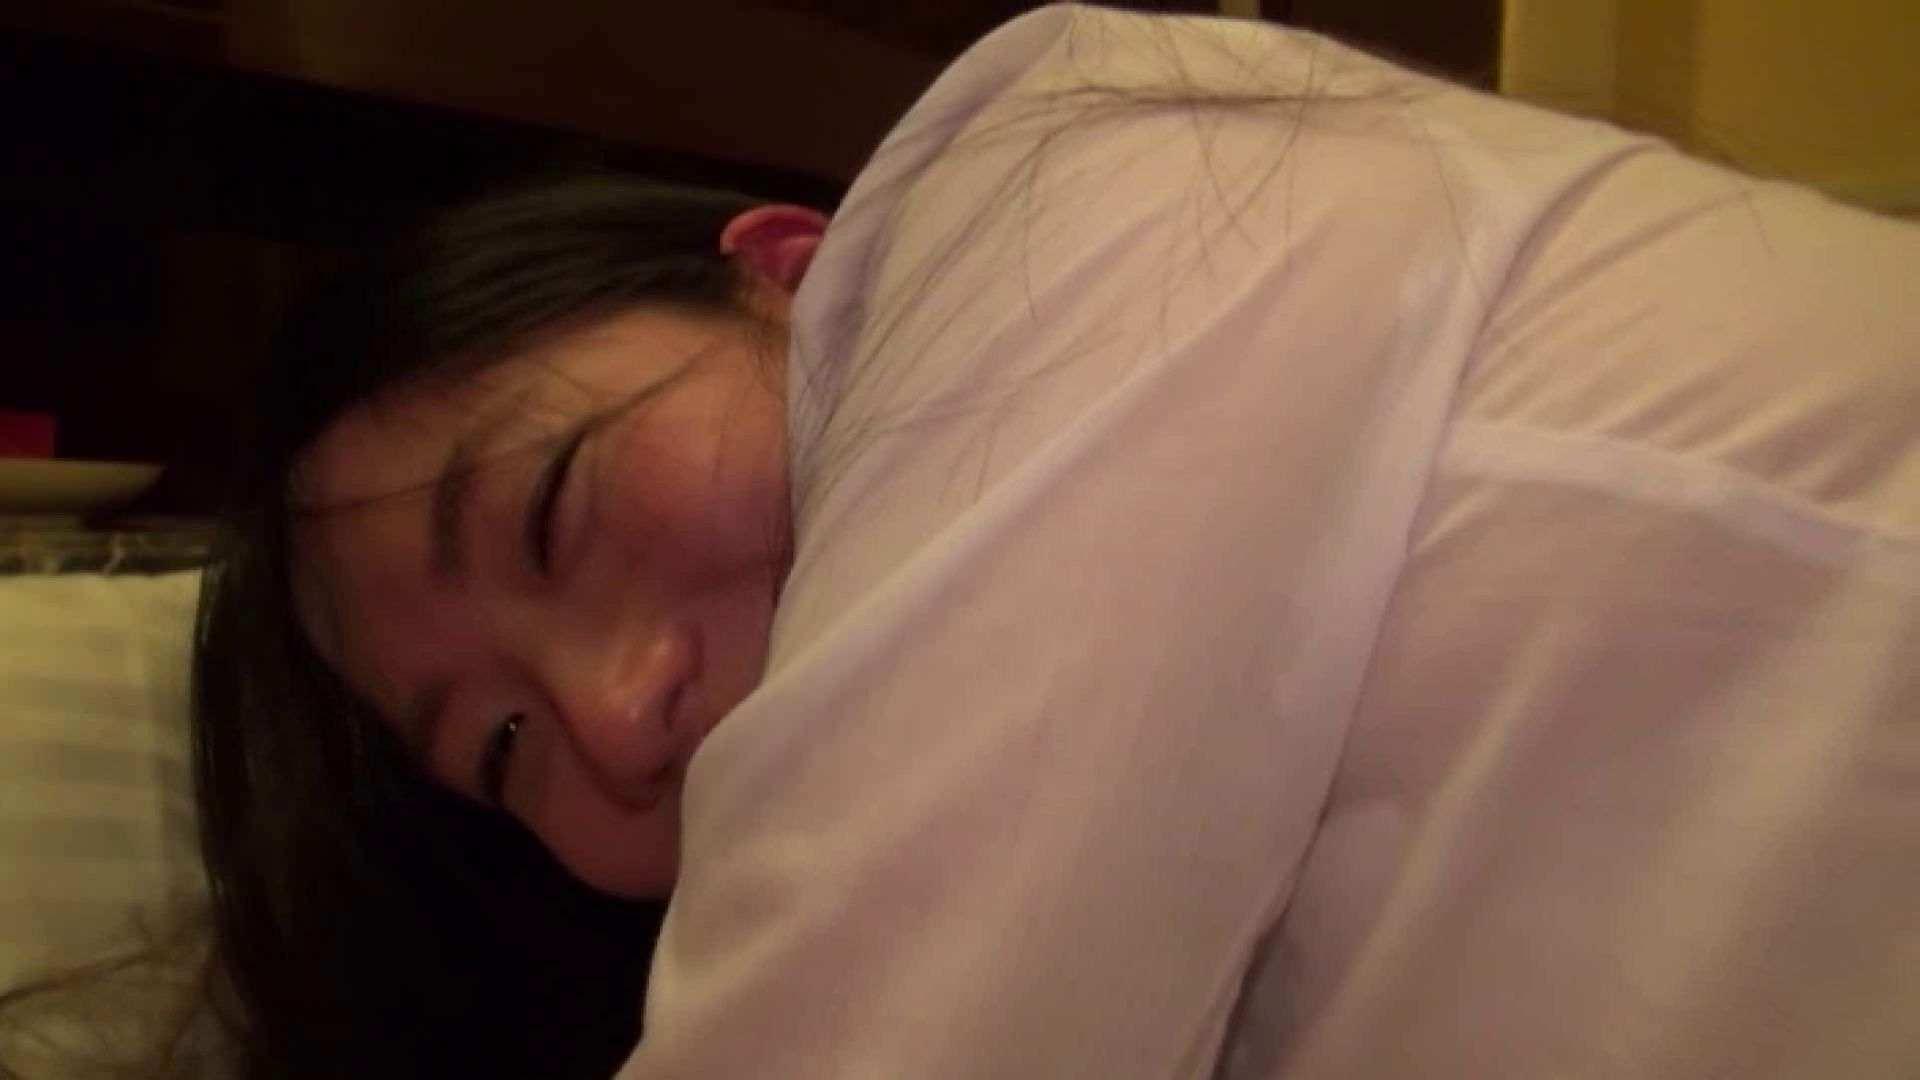 S級厳選美女ビッチガールVol.49 前編 ギャルのエロ動画   美女のヌード  72画像 57